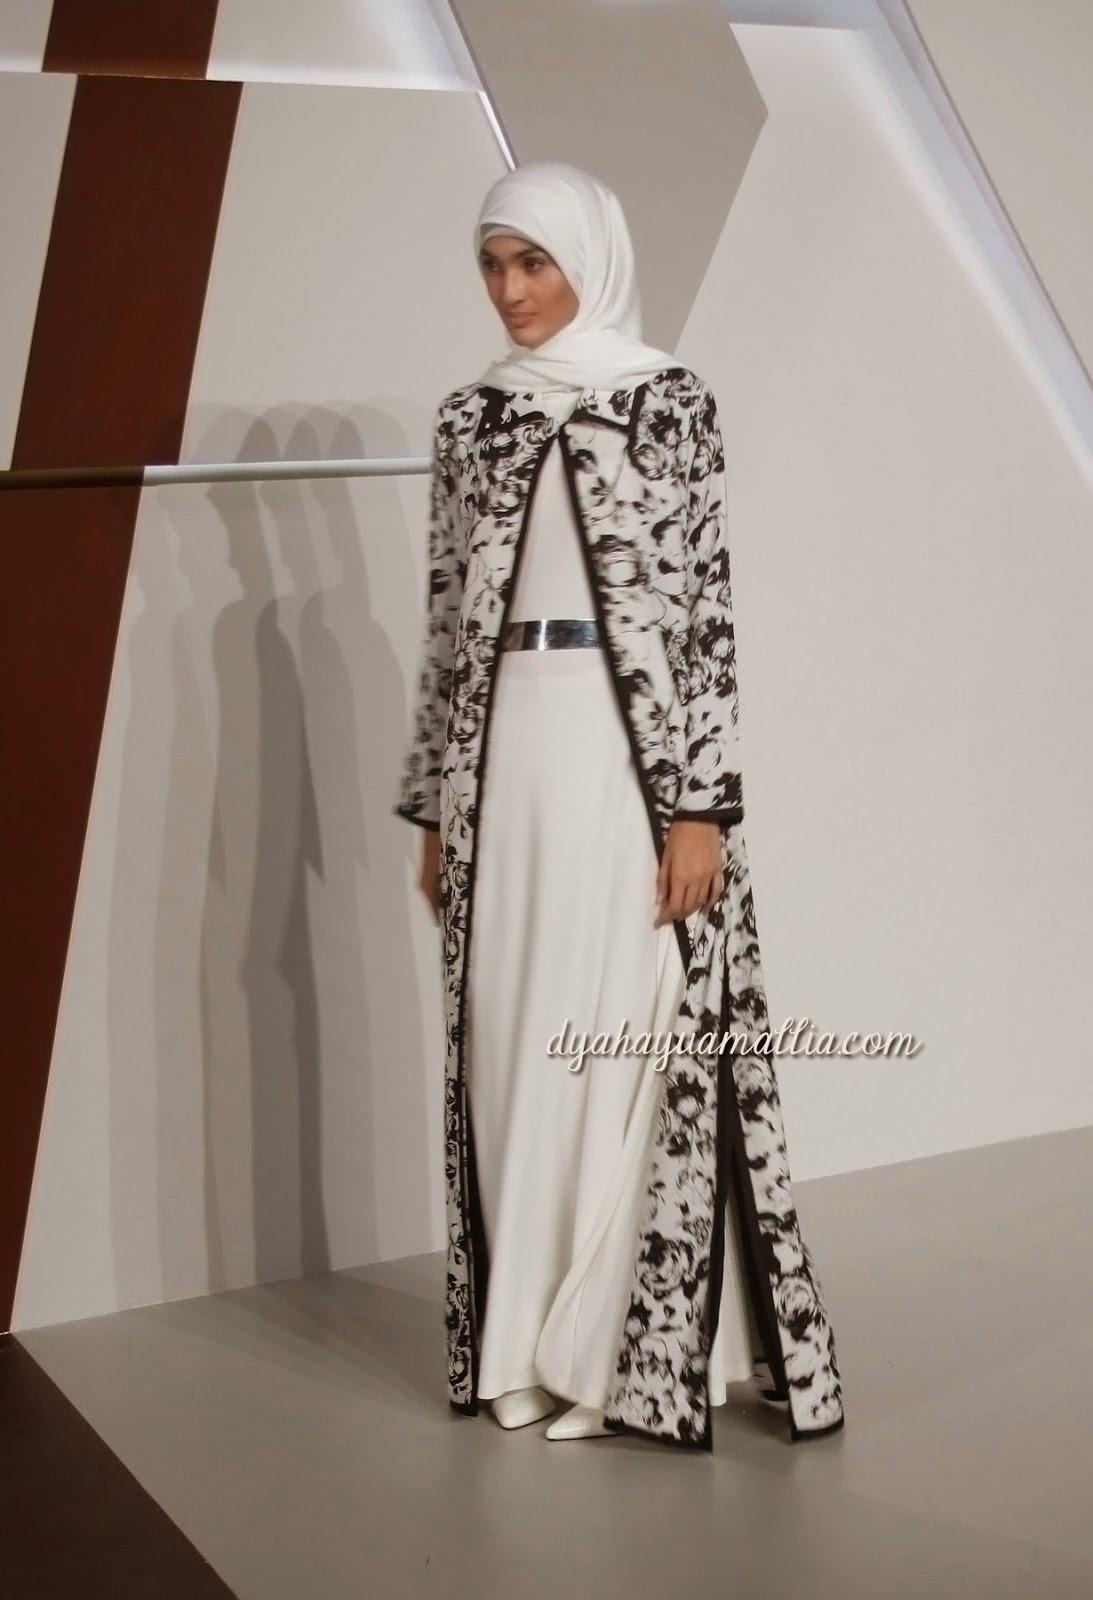 ... satu butik muslim di Jakarta. Lama tidak ketemu saya baru tau bahwa  Ambu saat ini memakai niqab sebagai gaya berhijabnya. Sungguh kagum sama  ibu satu ... 059c1de1ef